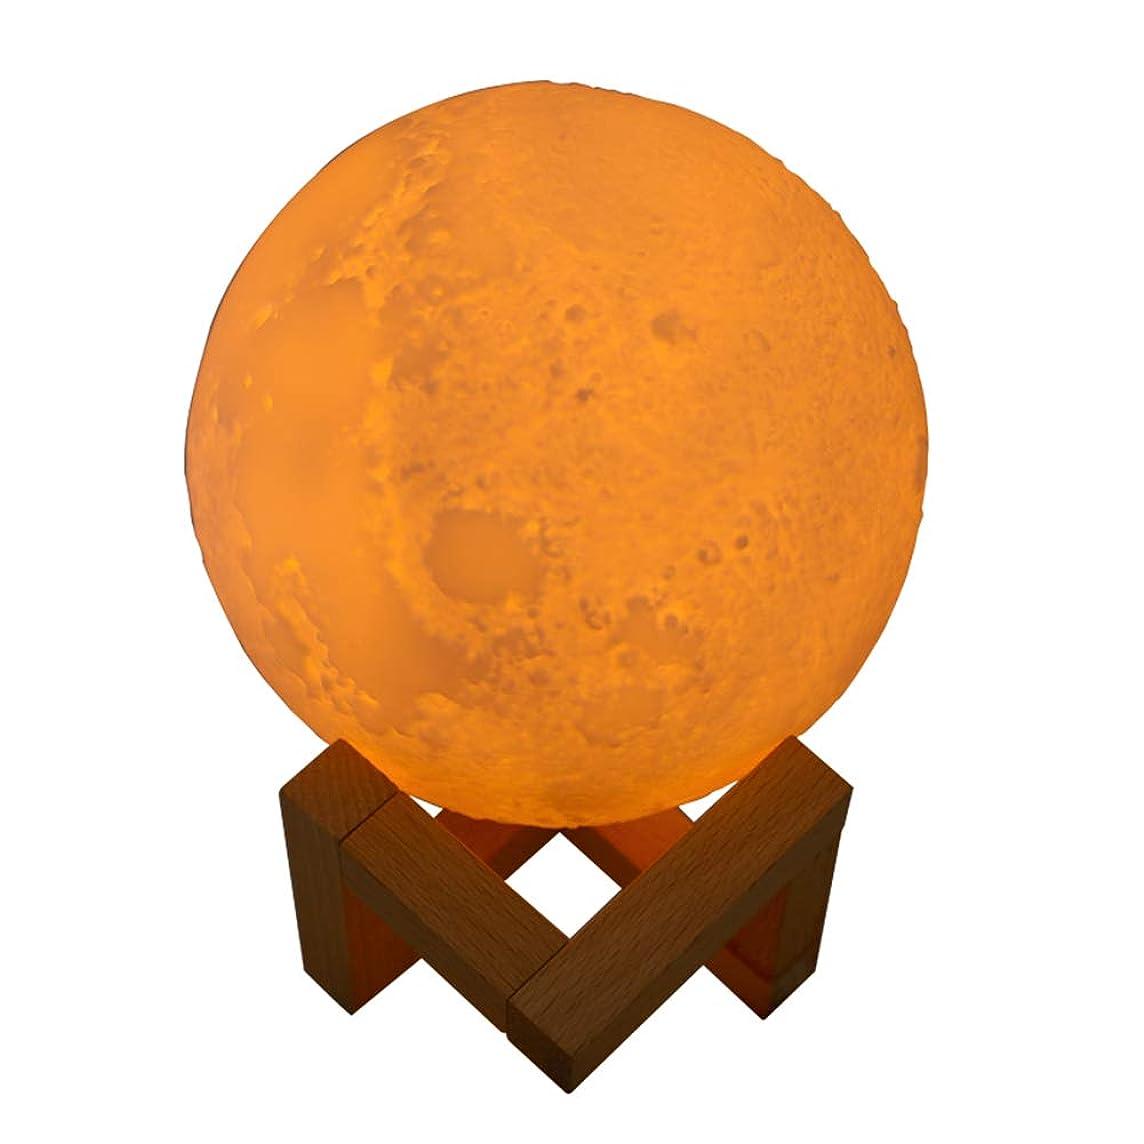 ナイトスポット根拠出血JIUBAJU 880 ml New USB Mini Humidifier,Innovative Moon Shaped Night Light Mute Essential Oil Diffuser 3D Moon Lamp Ultrasonic Cool Mist Aroma Diffuser (White) 141[並行輸入]